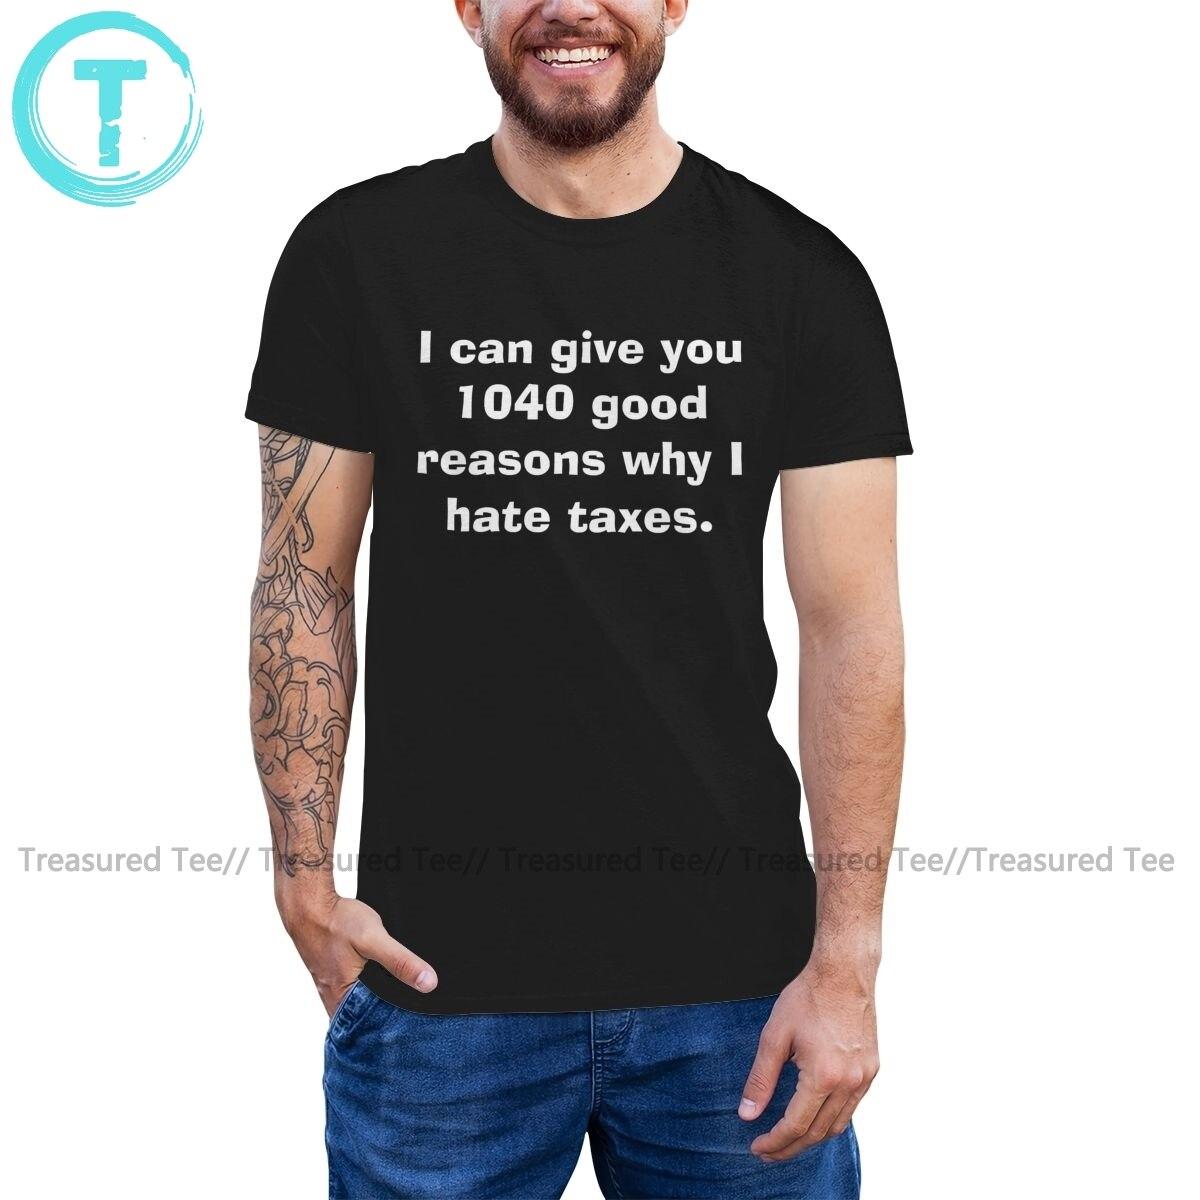 13 причин почему футболка я могу дать вам 1040 хорошие разумники S футболка уличная ХХХ футболка хлопковая футболка